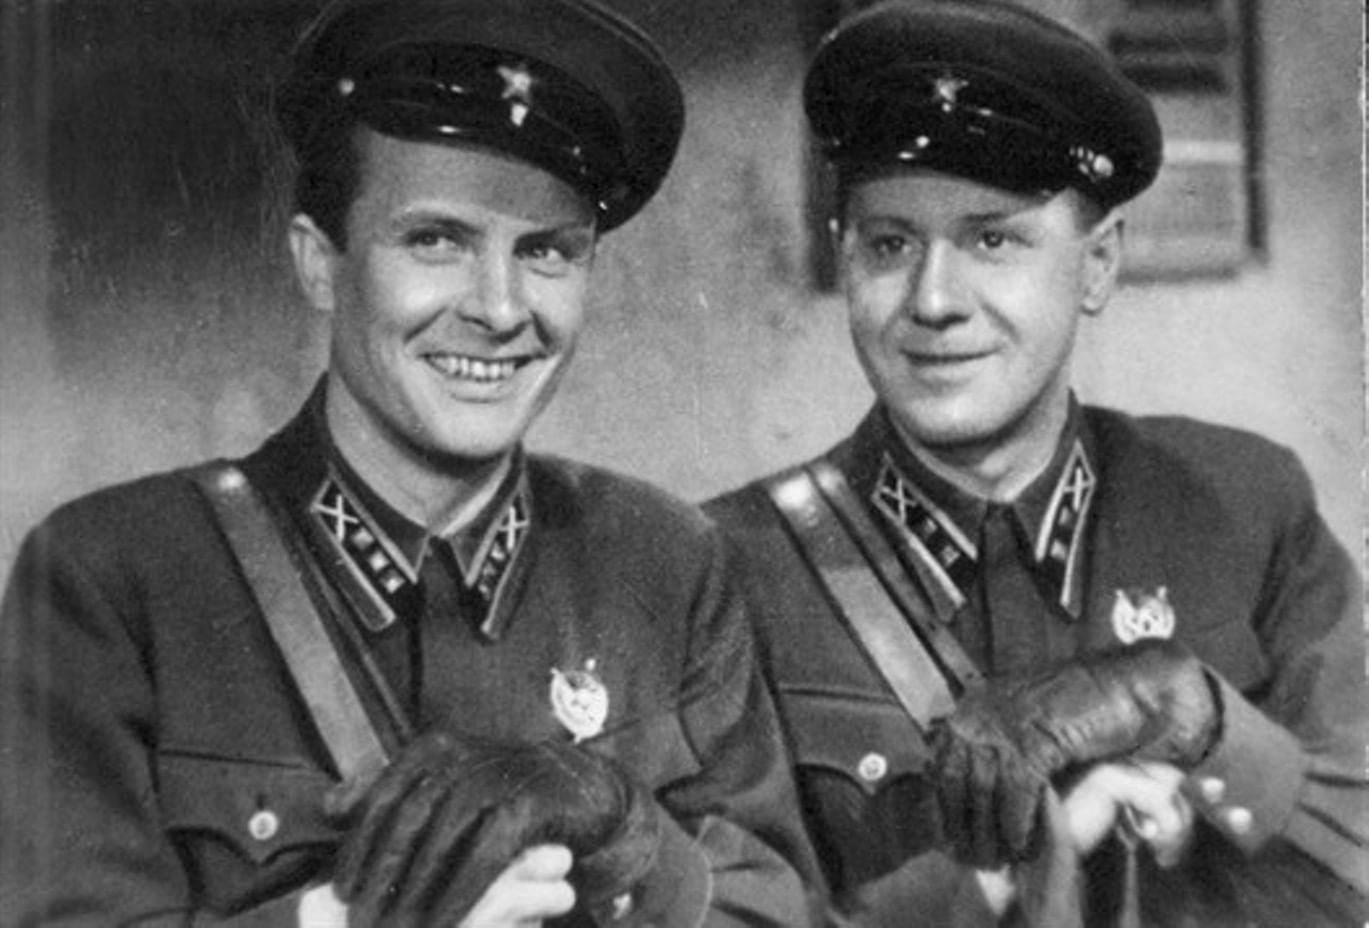 Трактористы и казаки: вспоминаем фильмы Ивана Пырьева. Галерея 1